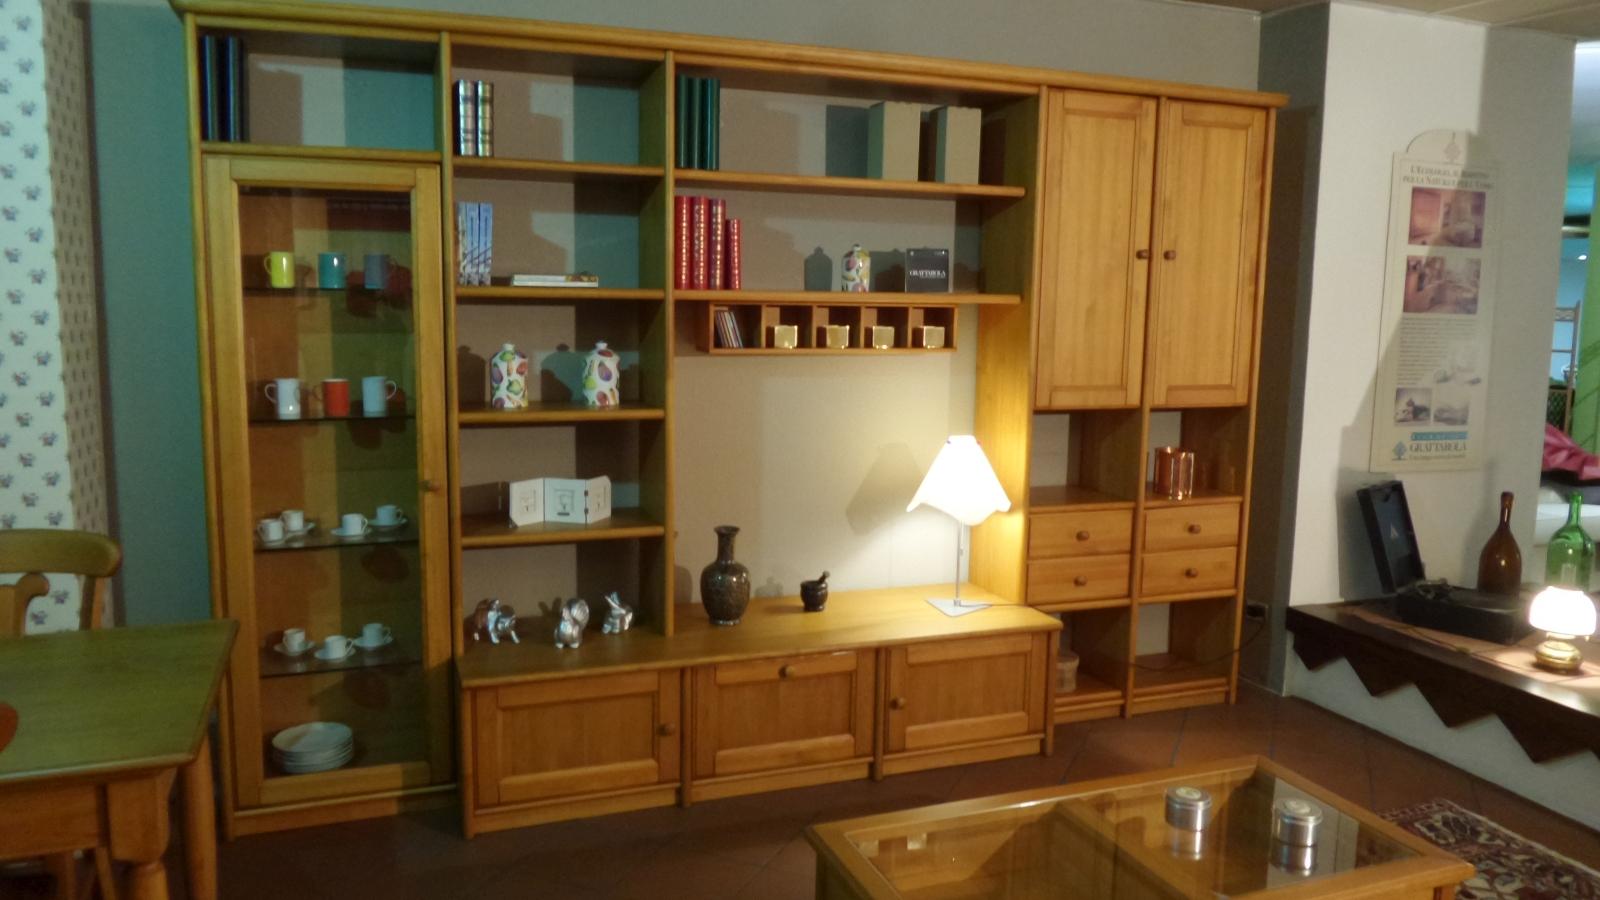 Grattarola soggiorno canard miele legno pareti attrezzate for Pareti attrezzate soggiorno